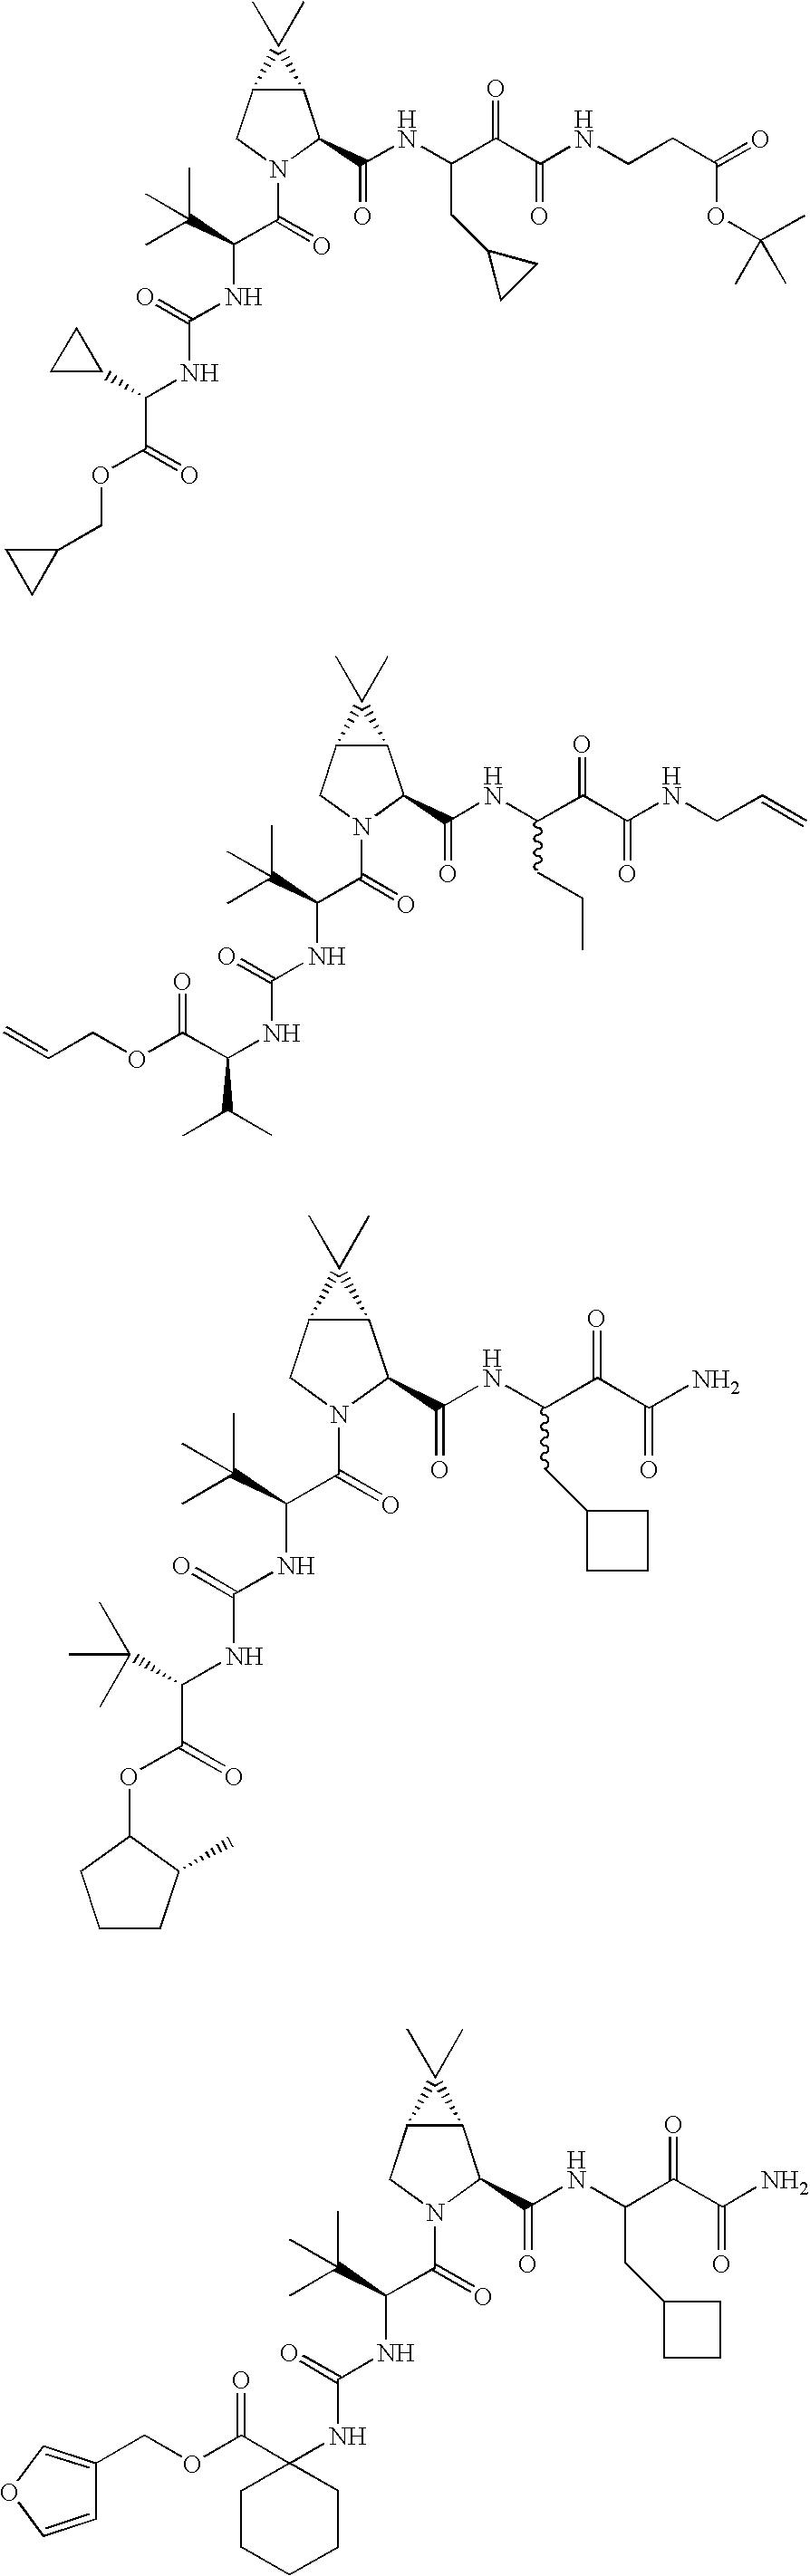 Figure US20060287248A1-20061221-C00293